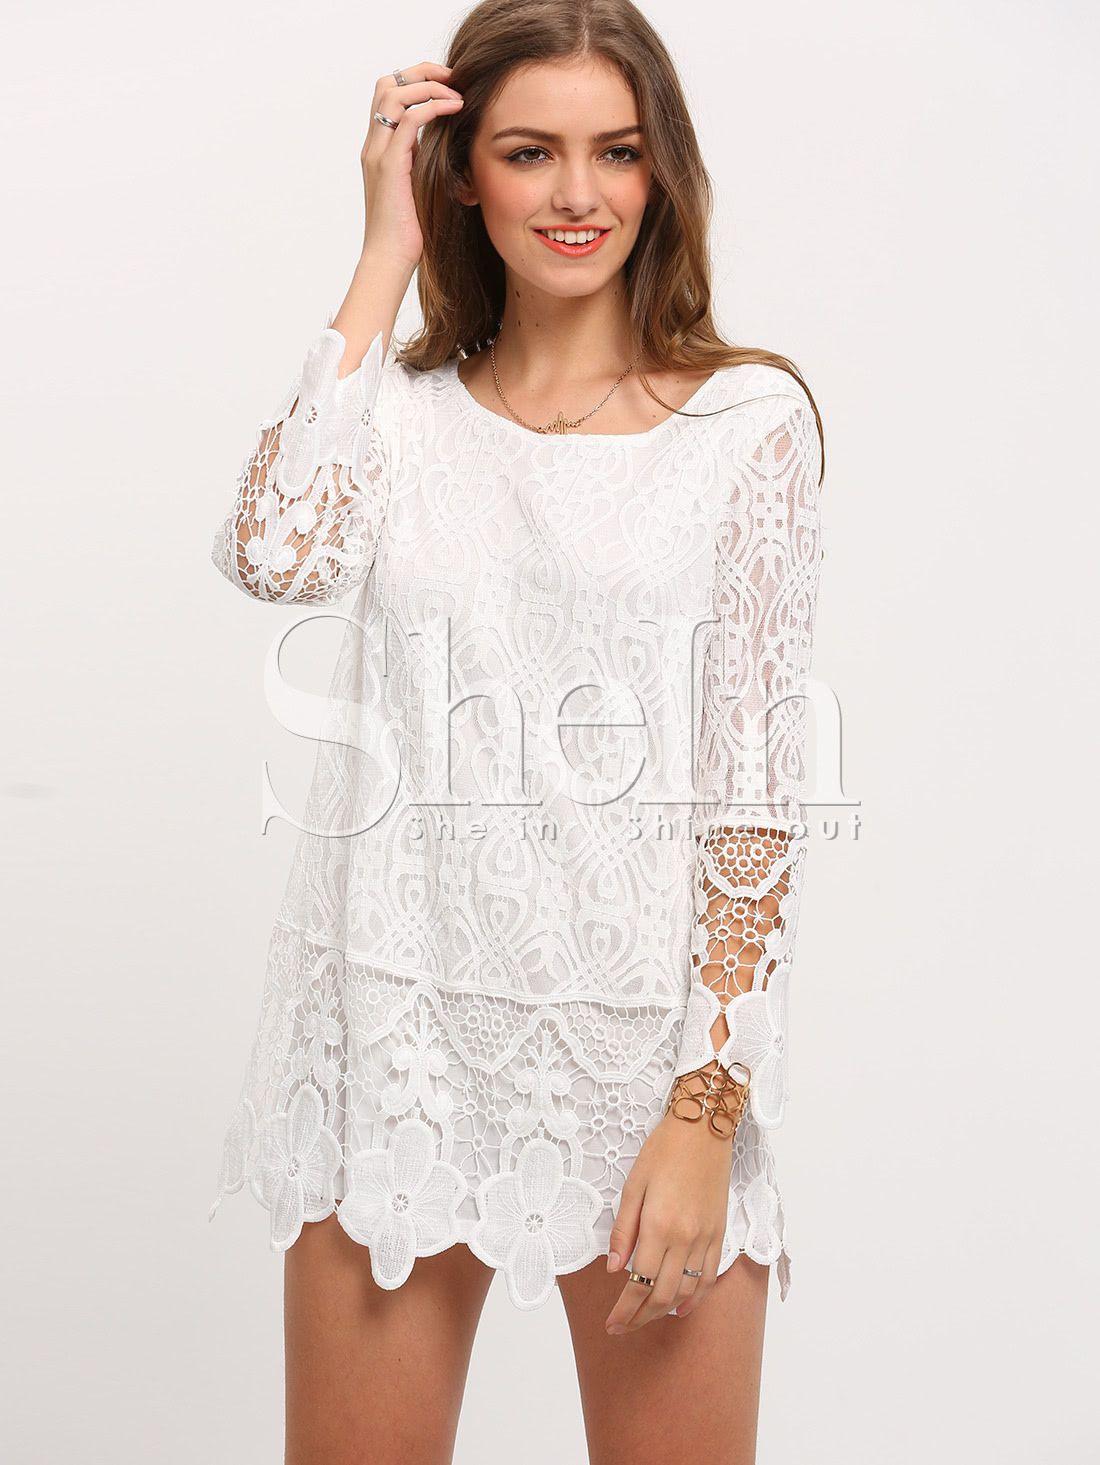 15 Erstaunlich Weiße Kleider Mit Spitze Galerie17 Schön Weiße Kleider Mit Spitze Boutique